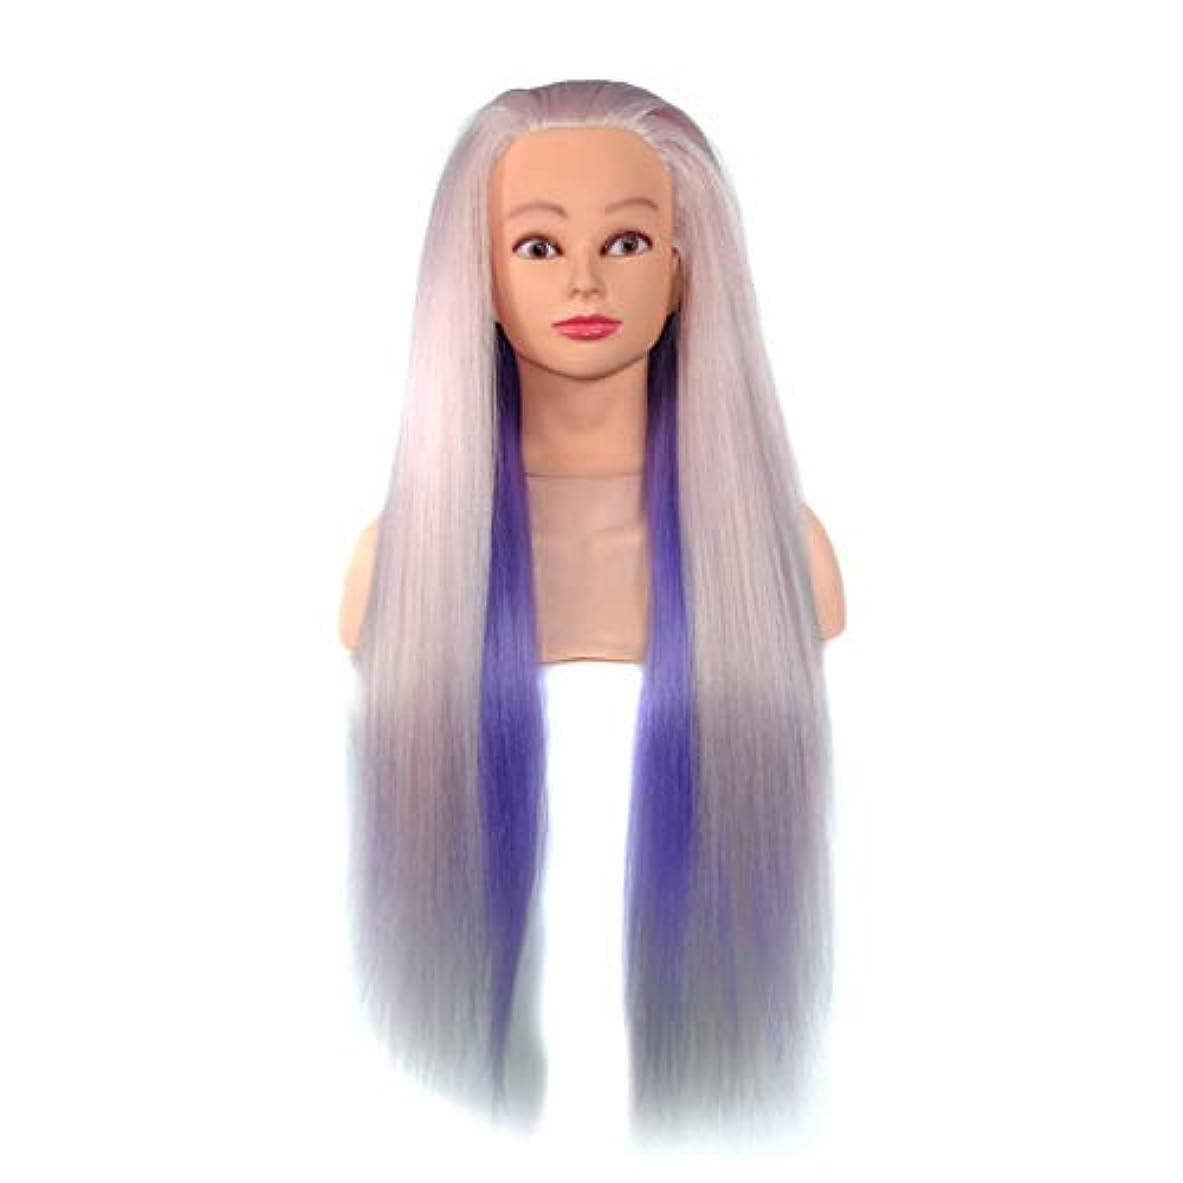 毒液順応性のある絡まる高温シルク花嫁編組エクササイズヘッドサロン教育グラデーショントレーニングヘッド理髪学習ヘッドモデル